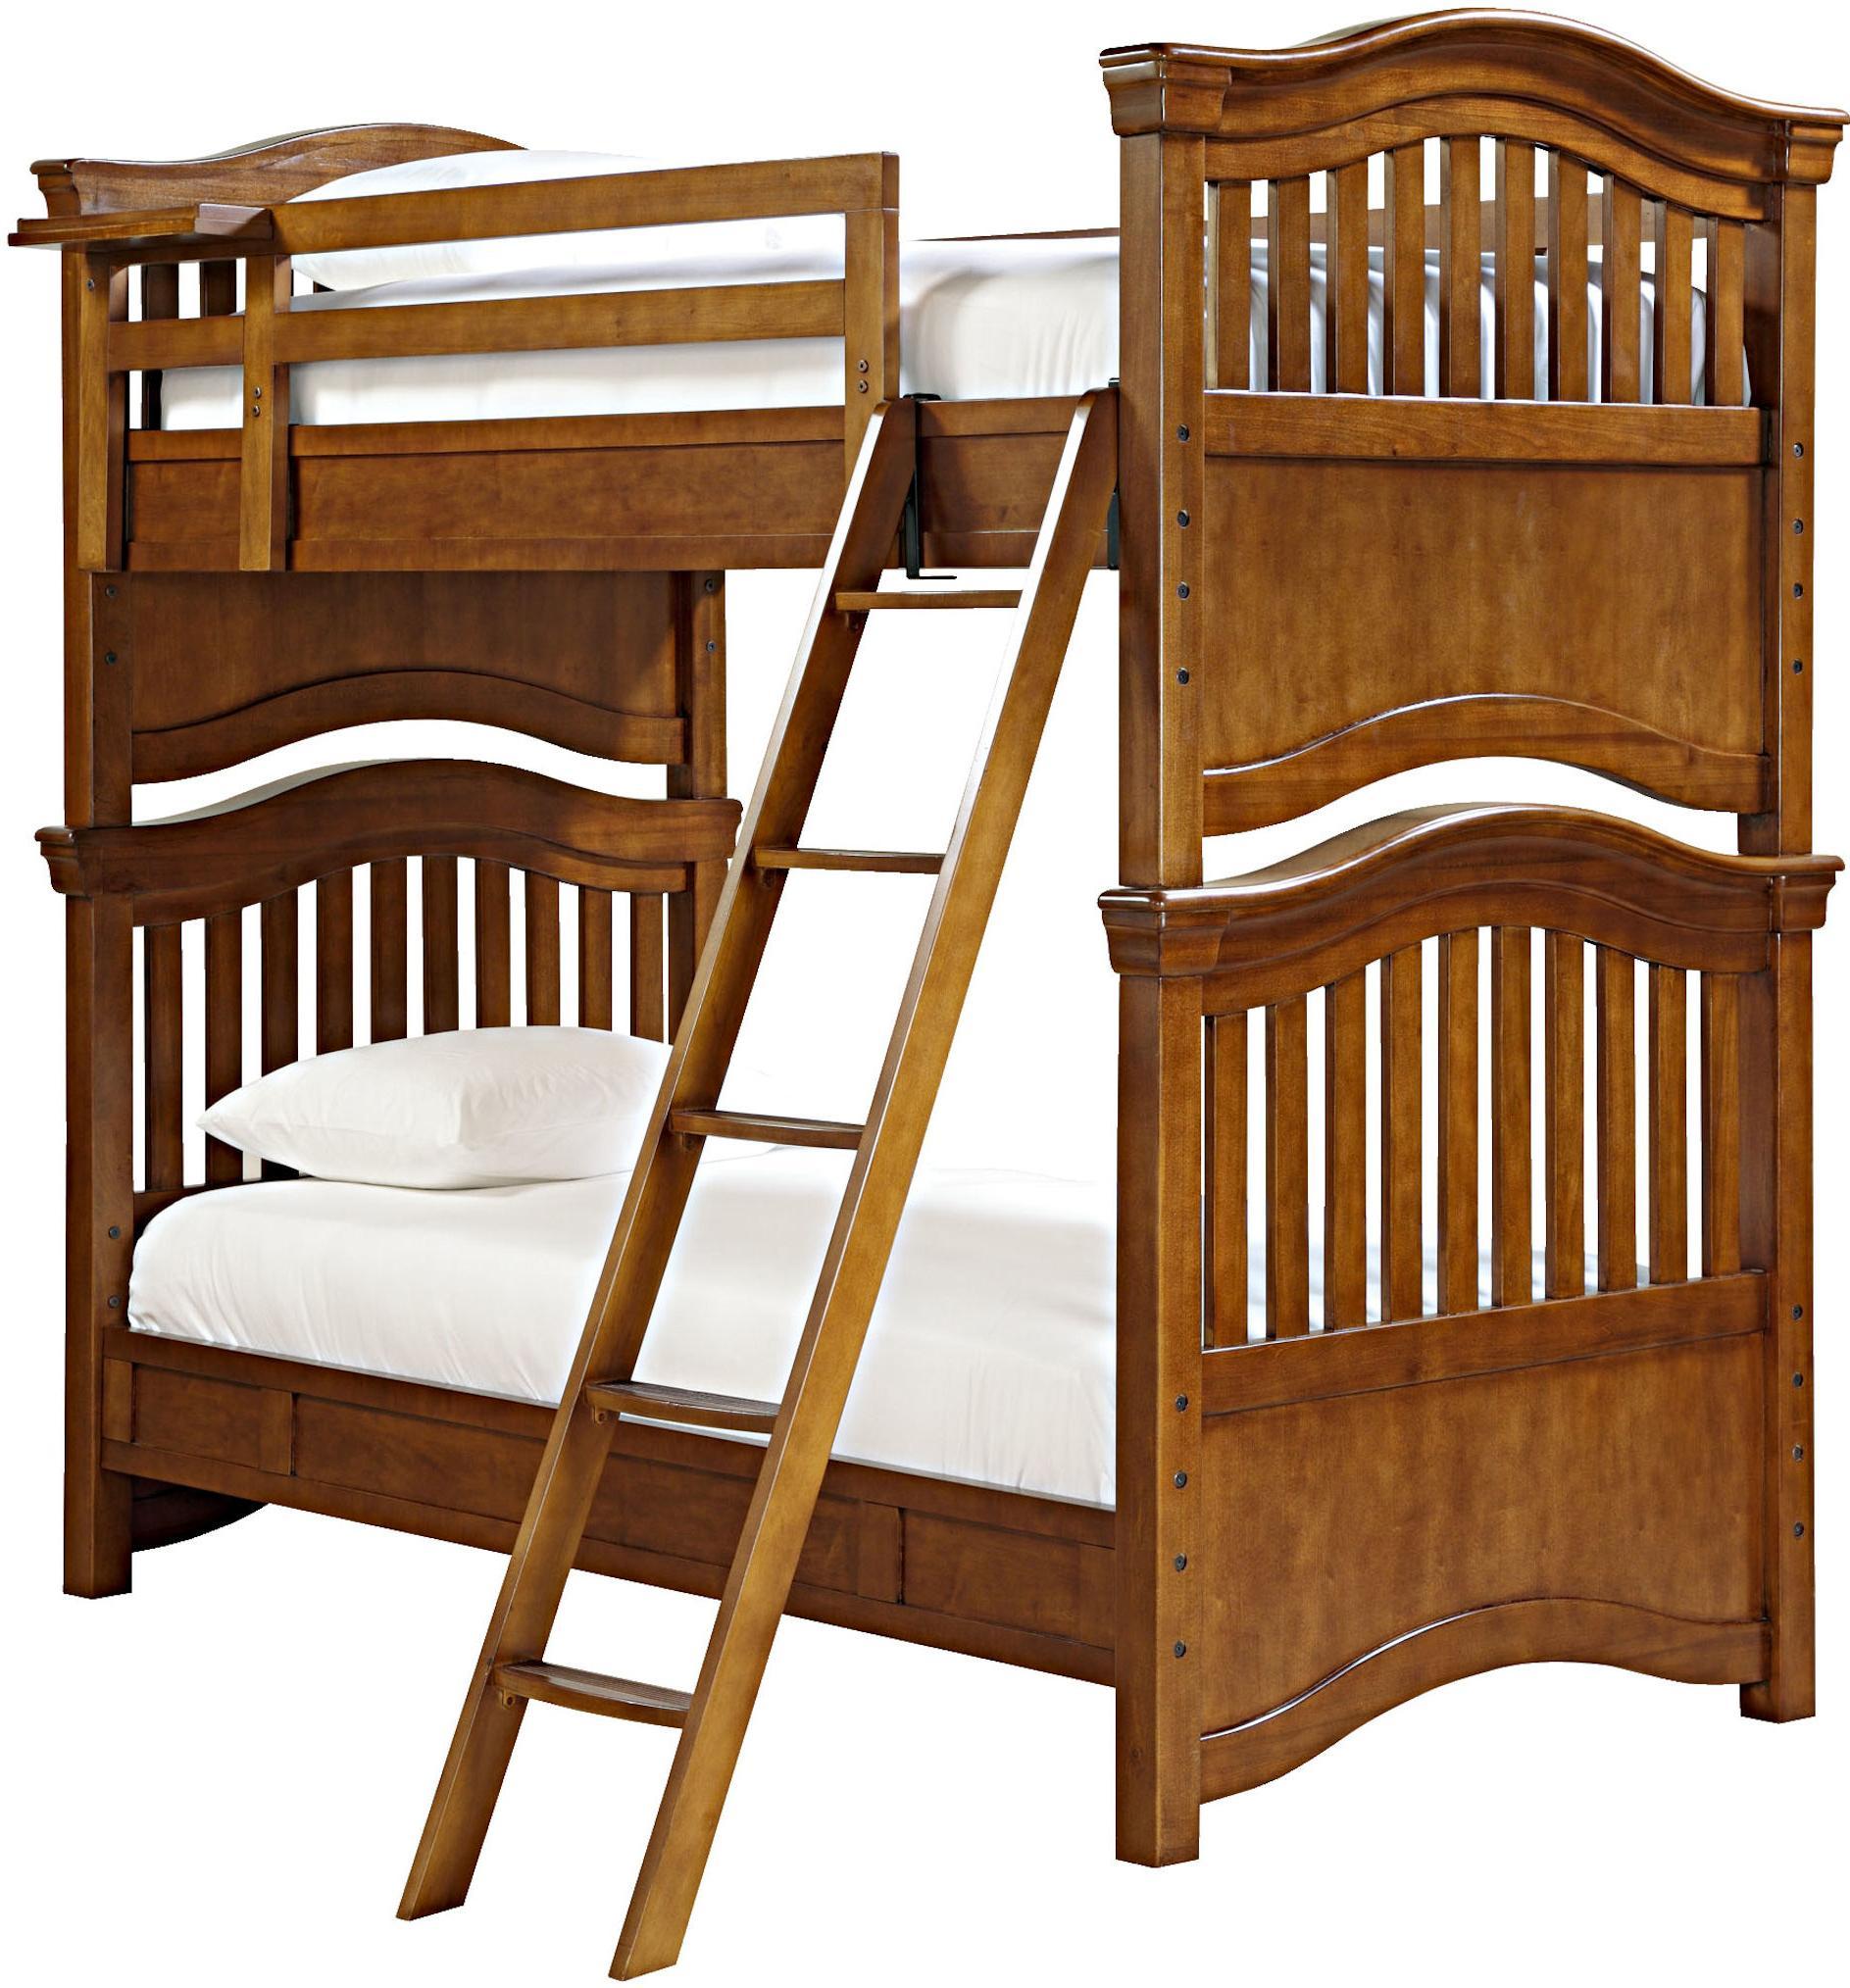 Smartstuff Classics 4.0 Twin Bunk Bed - Item Number: 1311530